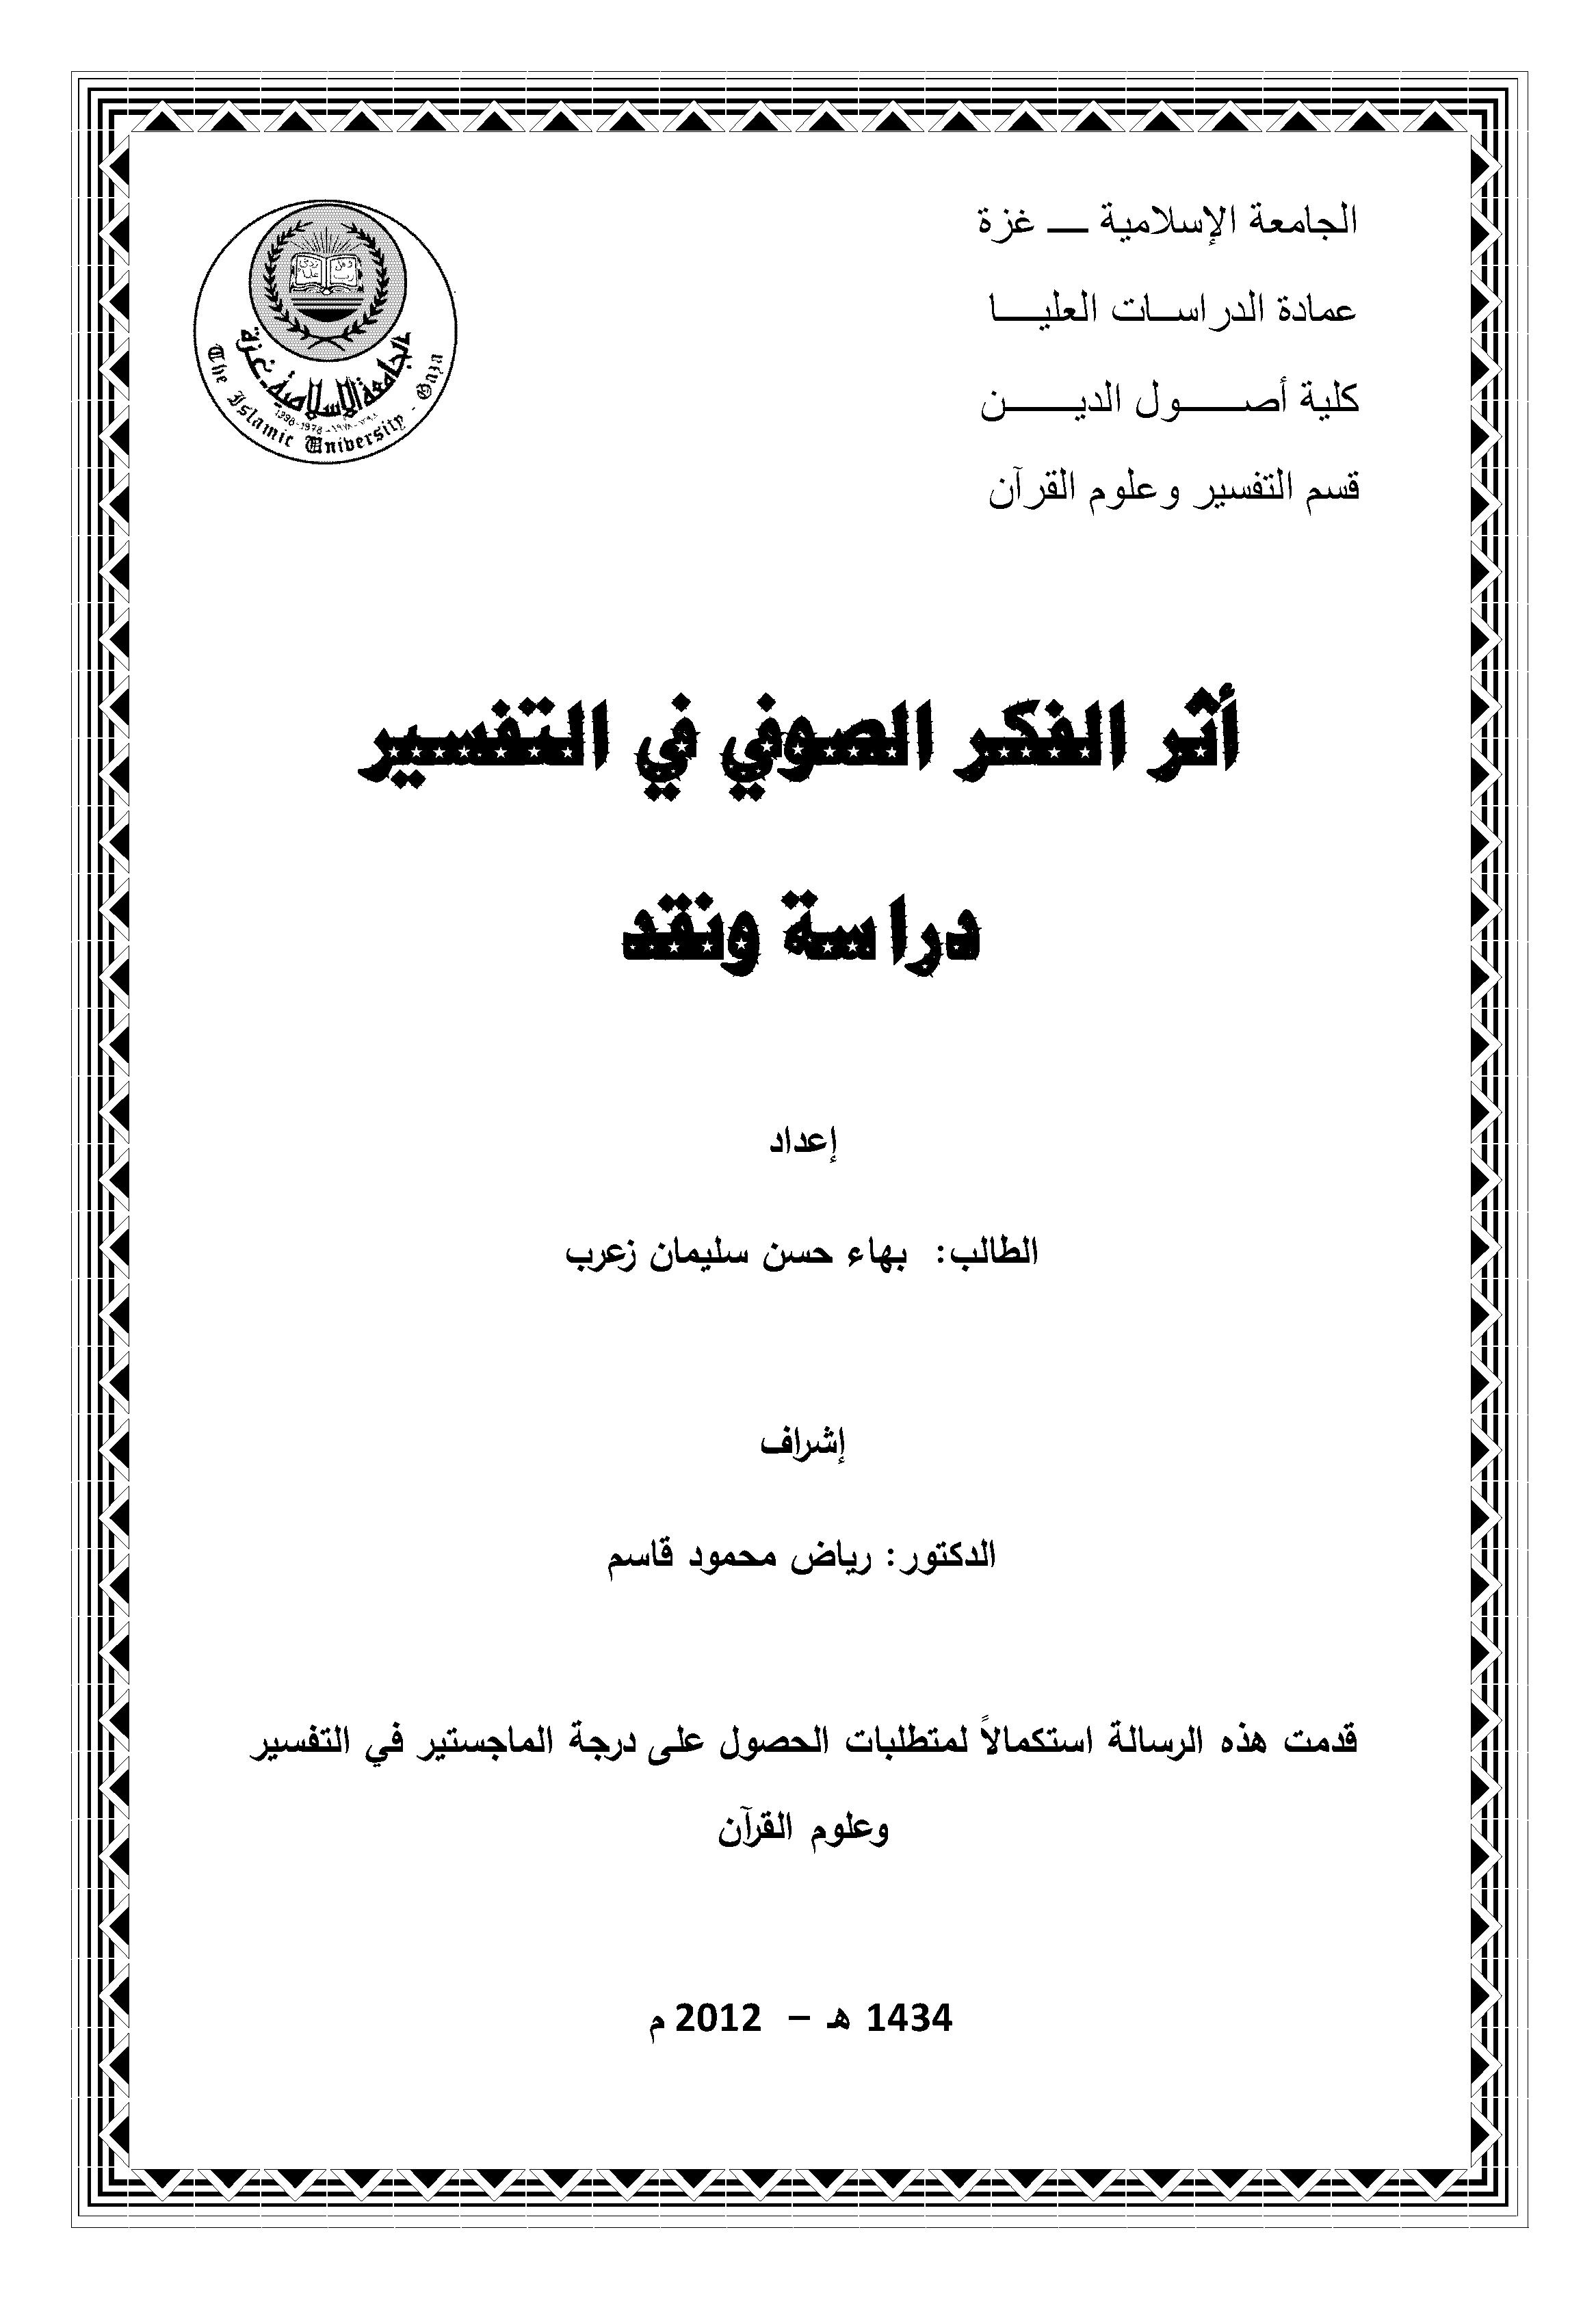 تحميل كتاب أثر الفكر الصوفي في التفسير (دراسة ونقد) لـِ: بهاء حسن سليمان زعرب